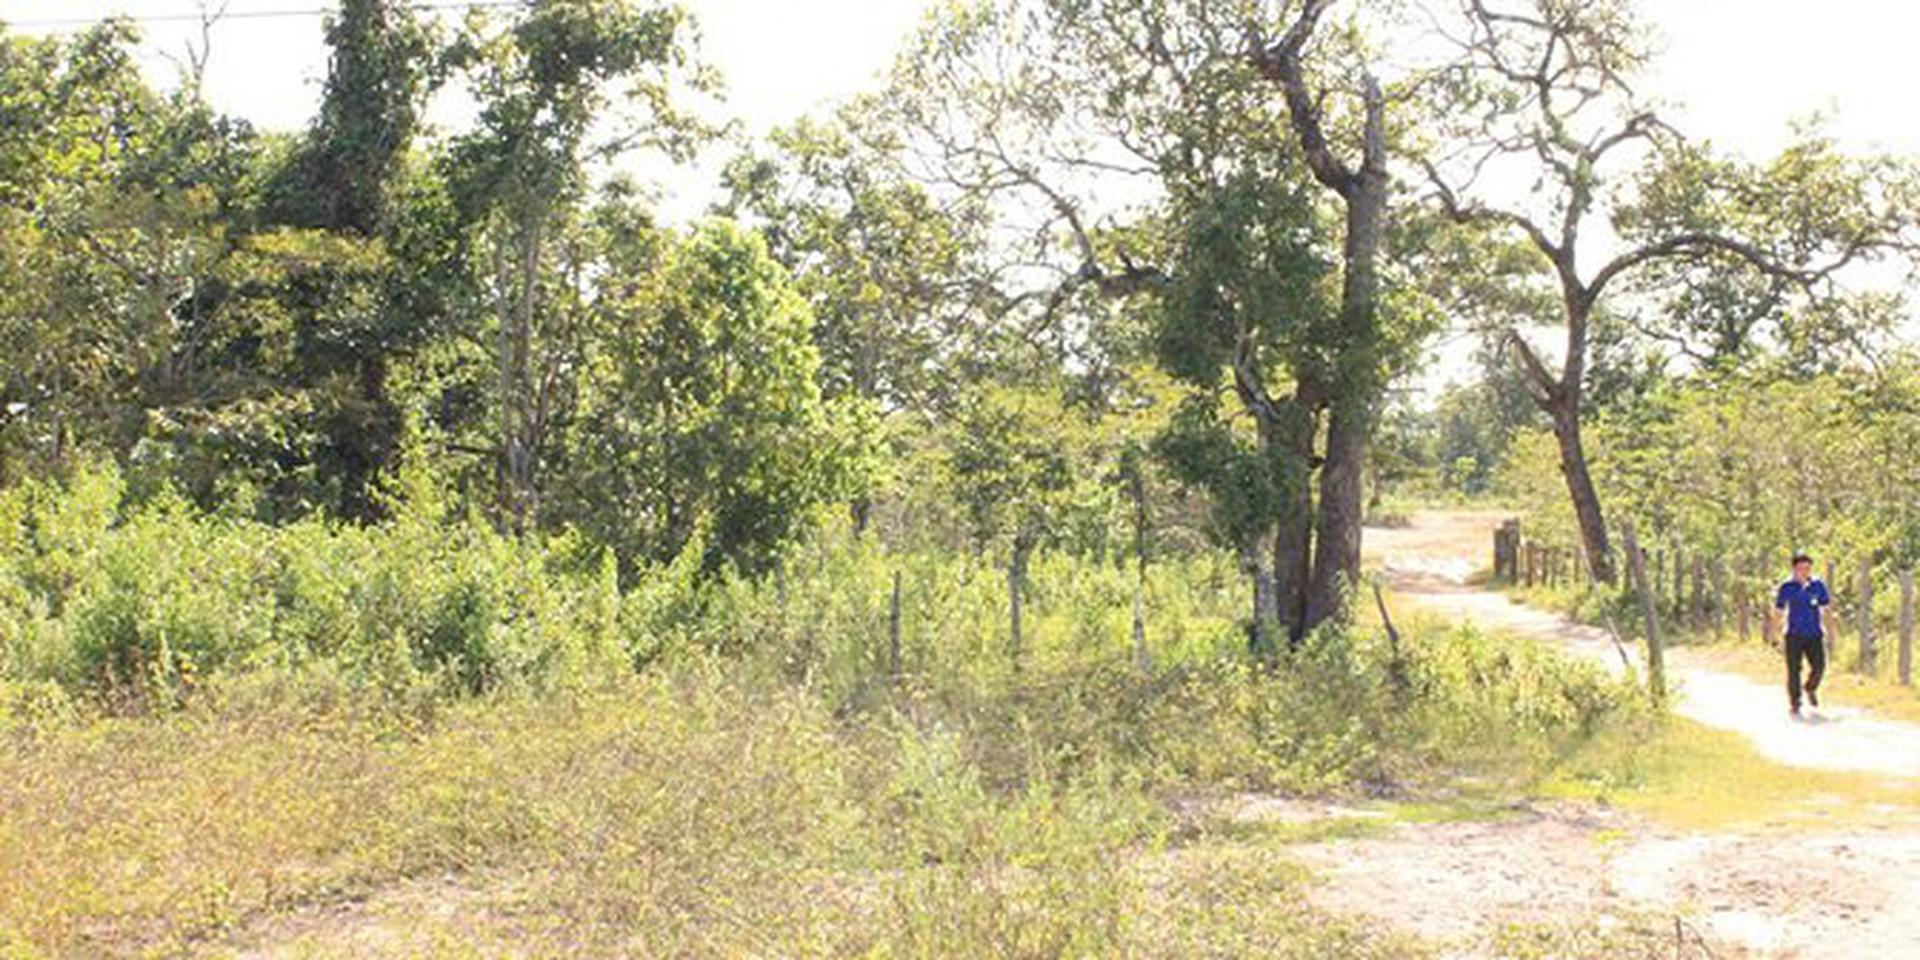 ที่ดินแขวงสะหวันนะเขต สปป.ลาว 106 ha รูปที่ 1